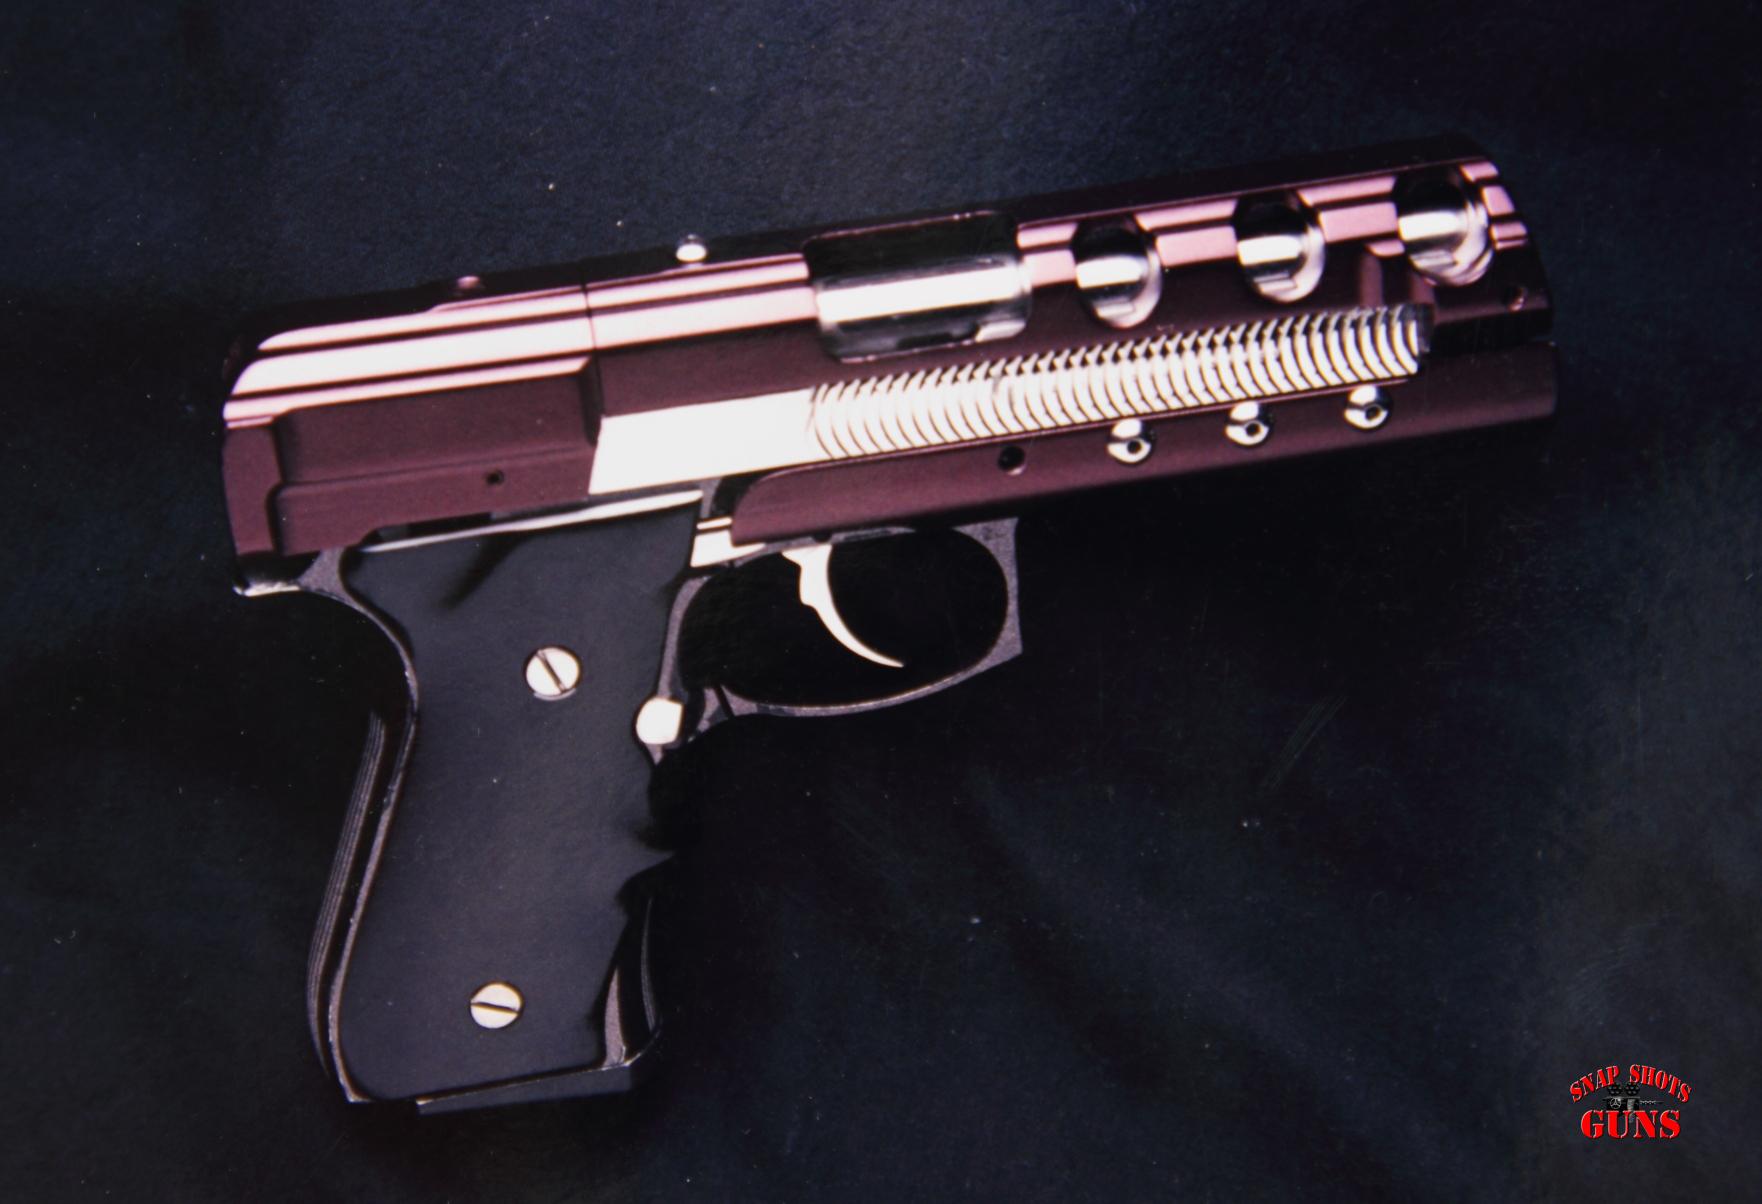 Flura's gun